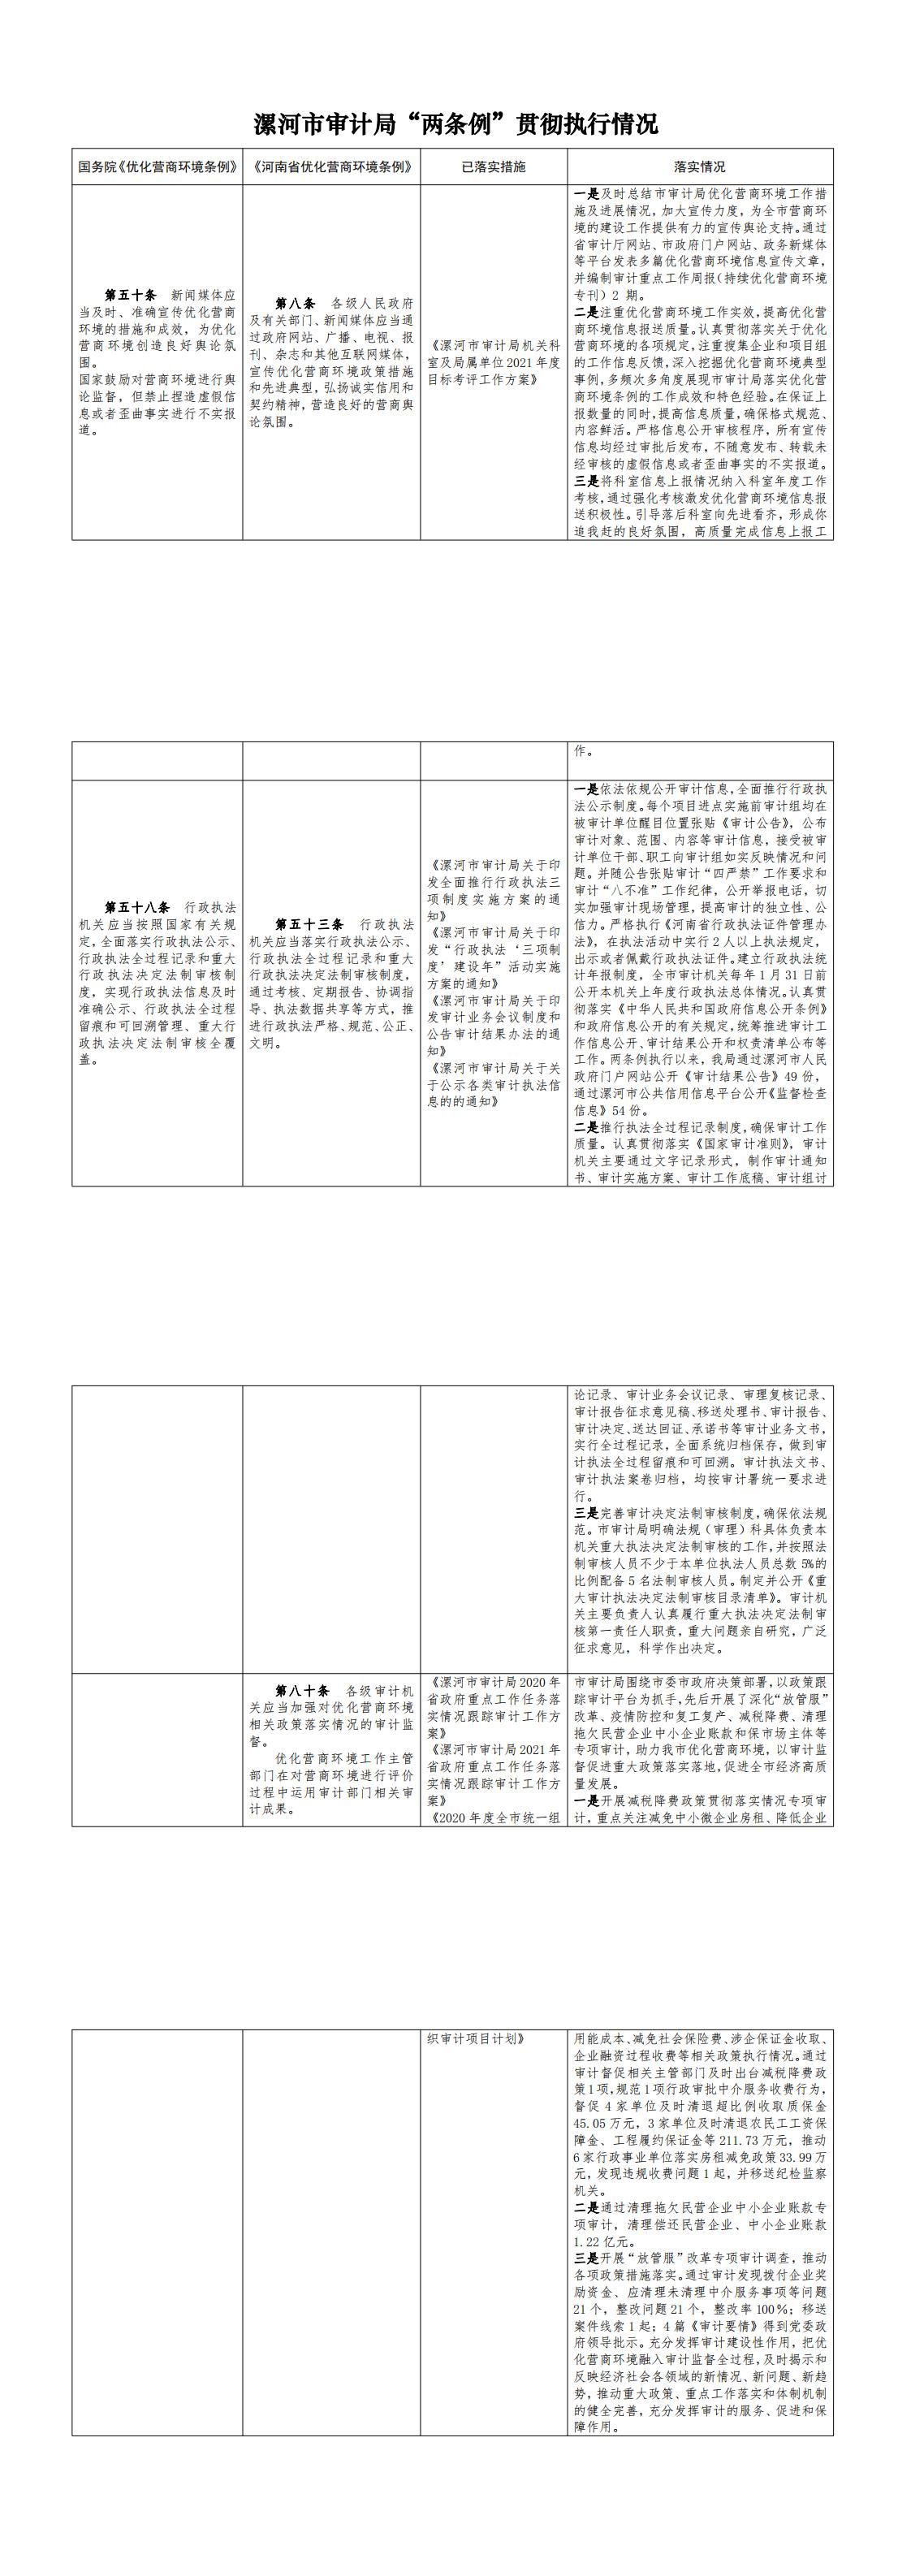 """漯河市审计局优化营商环境""""两条例""""贯彻执行工作台账_0"""